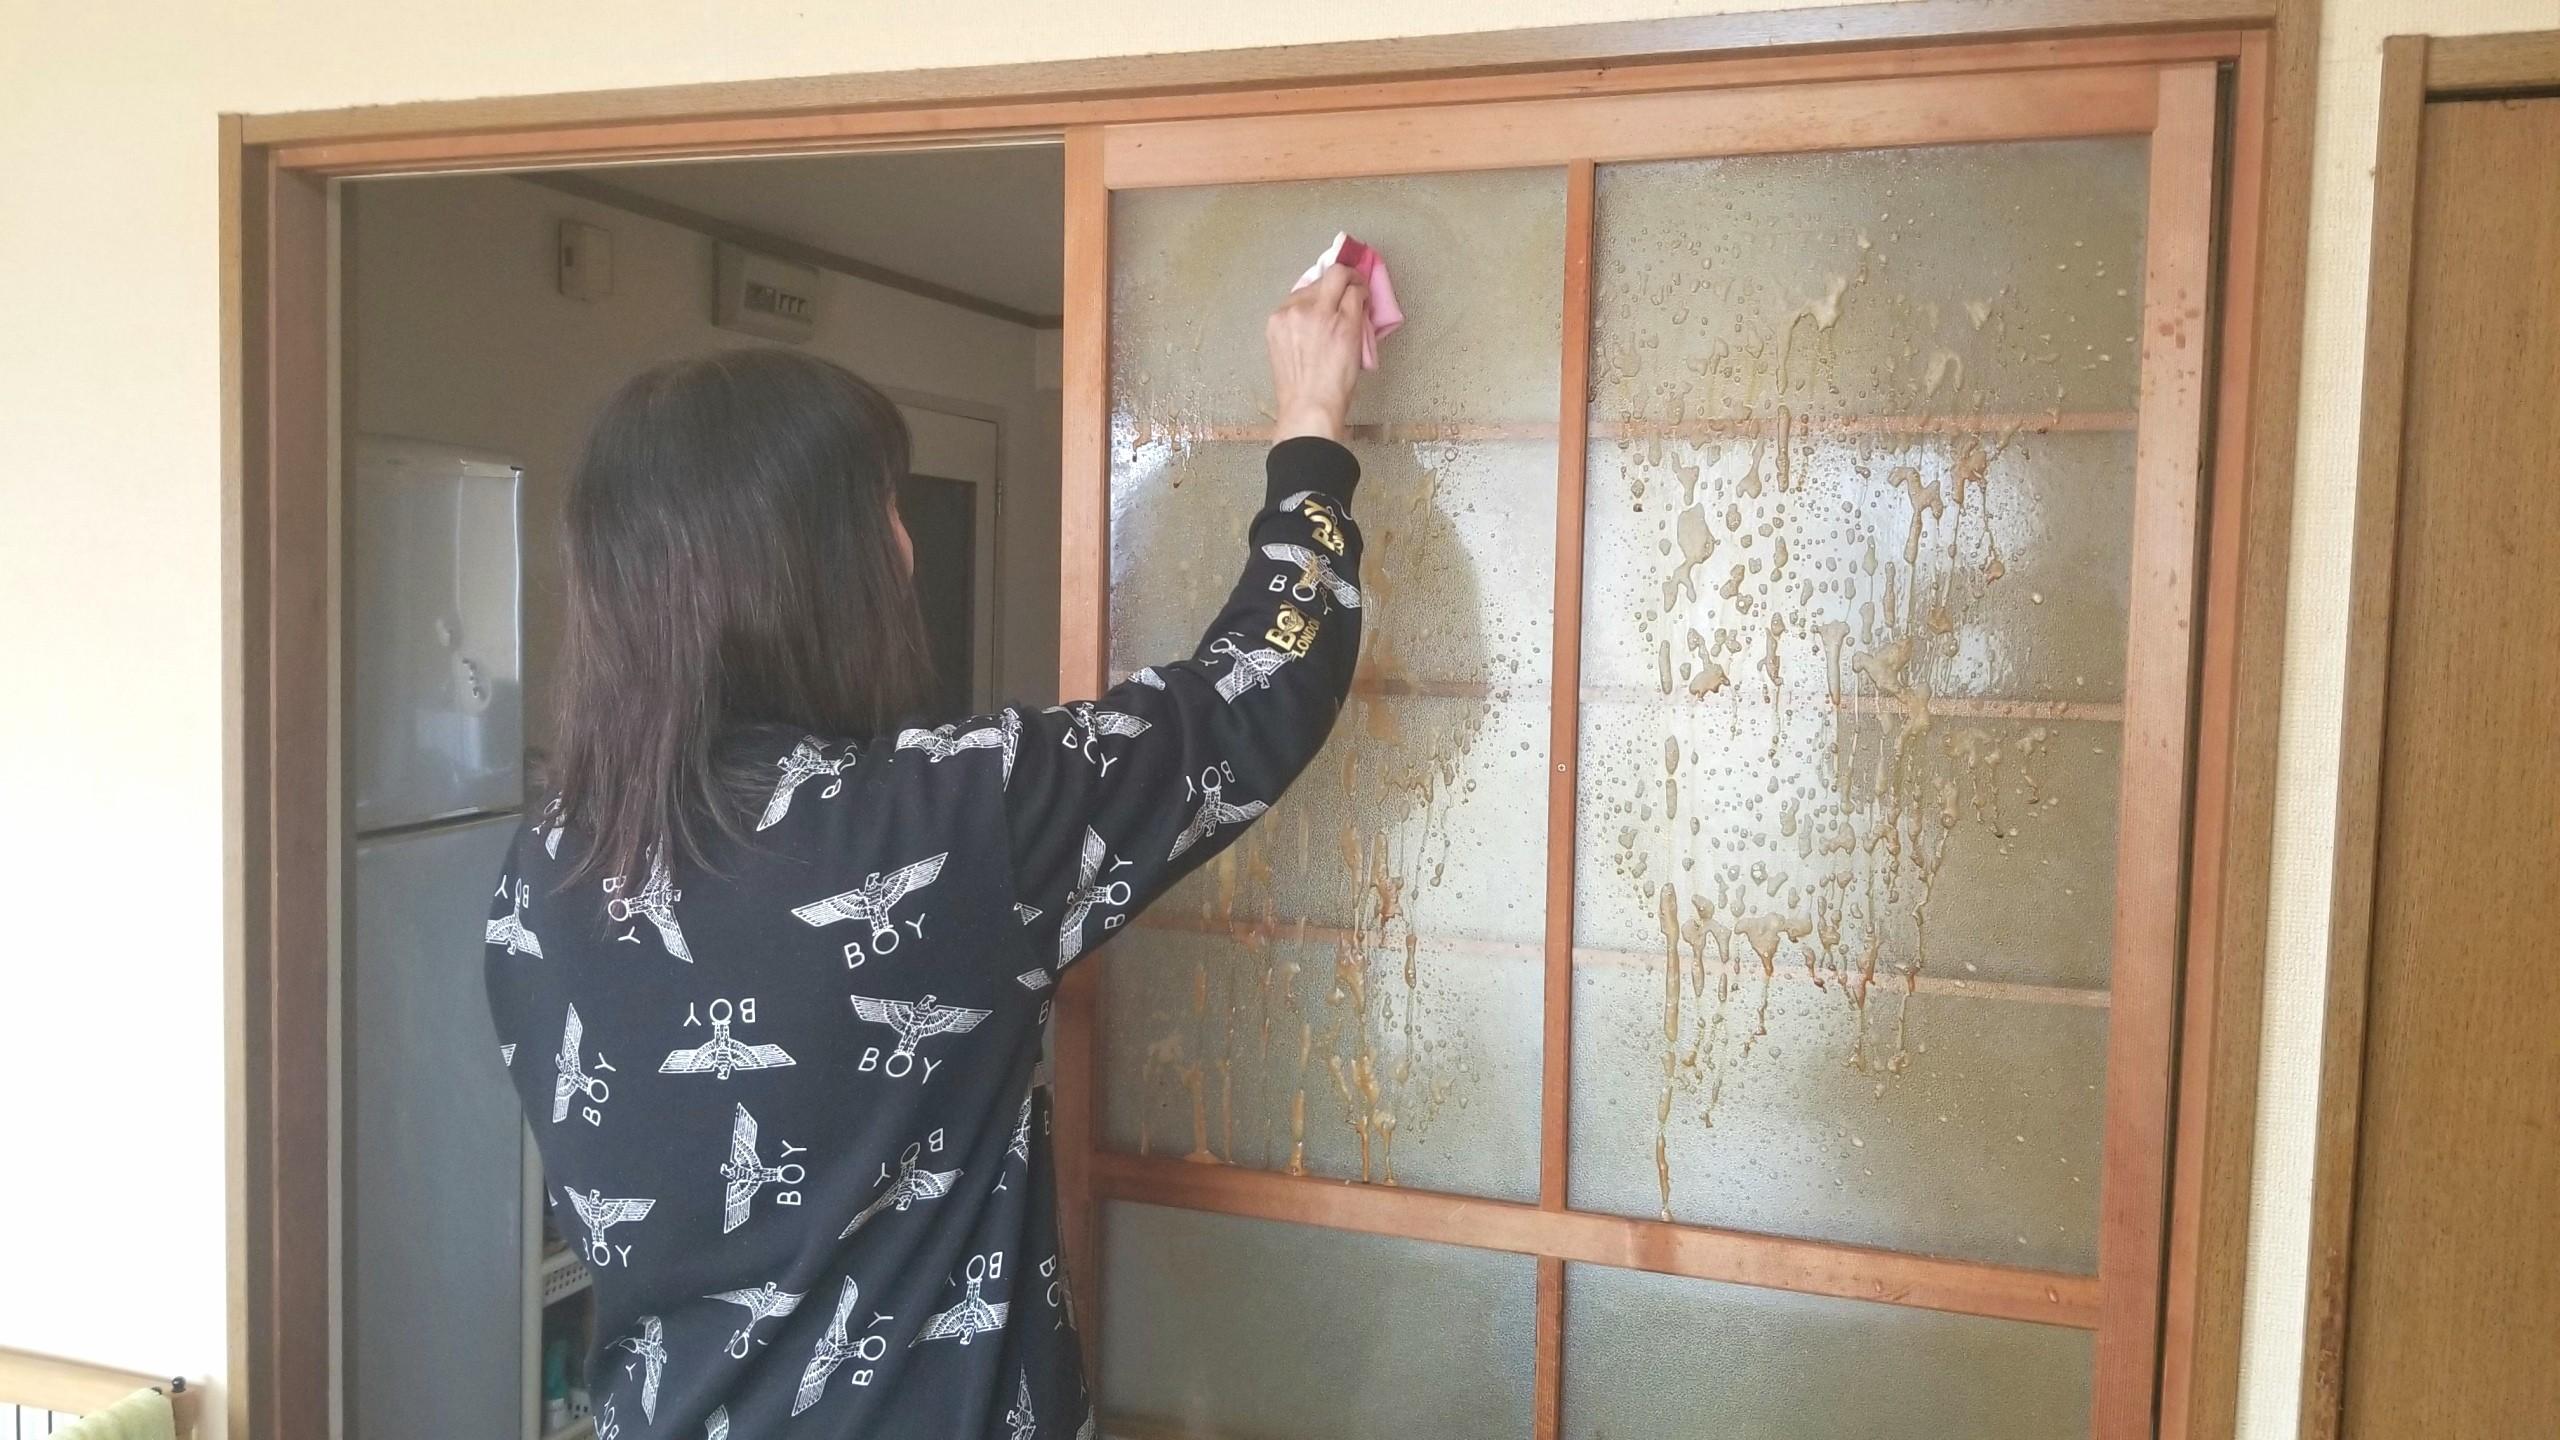 部屋の掃除,窓拭き,マイペット,便利グッズ洗剤,綺麗に落ちる汚れ